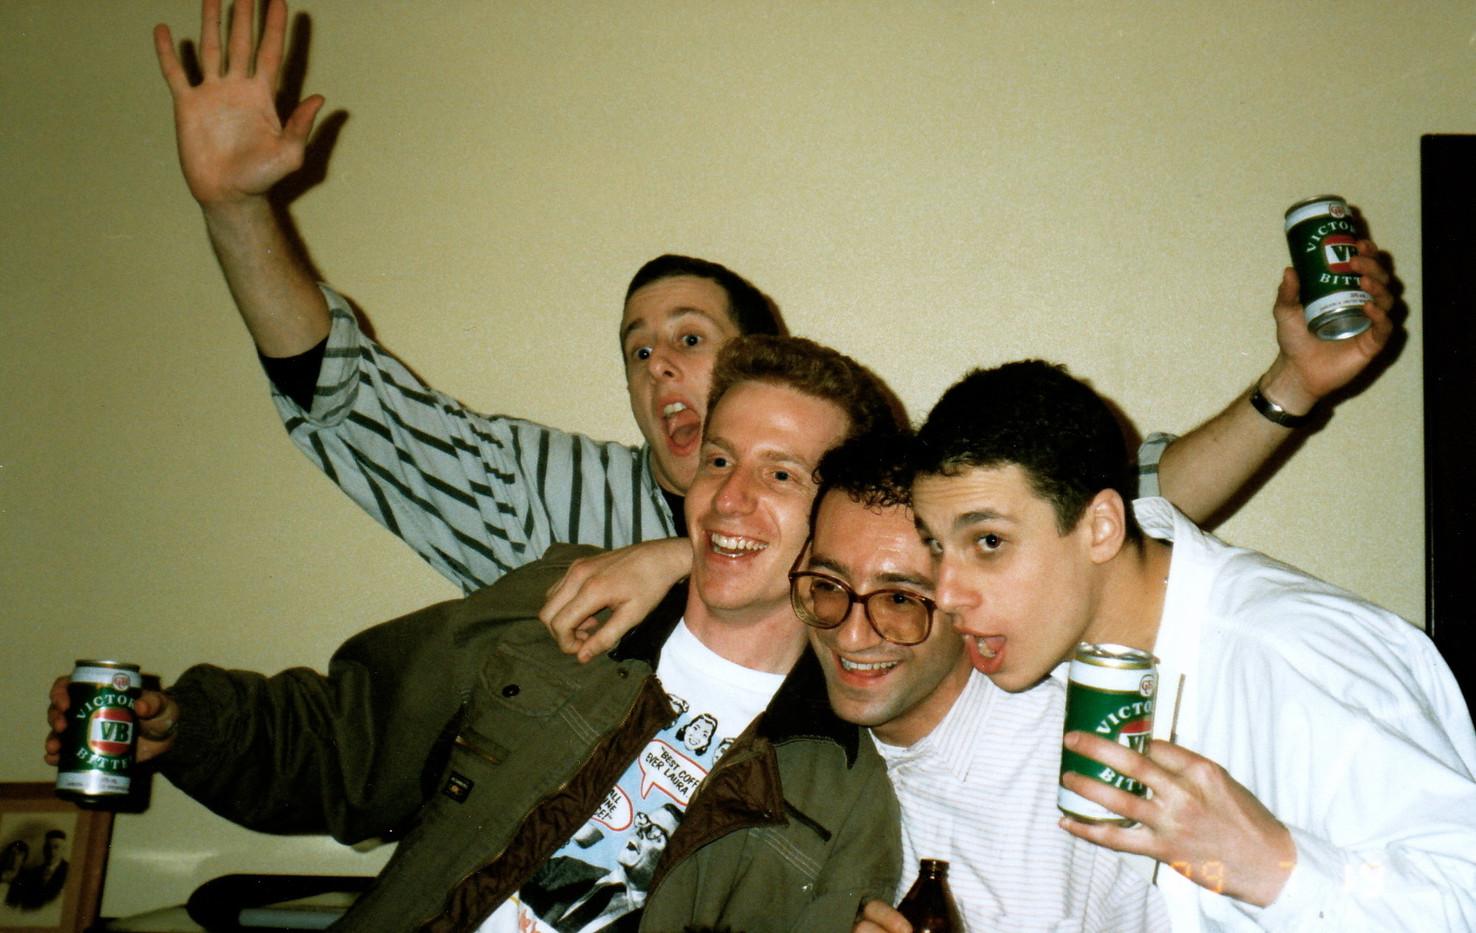 Biloxi Blues Cast Party 1989